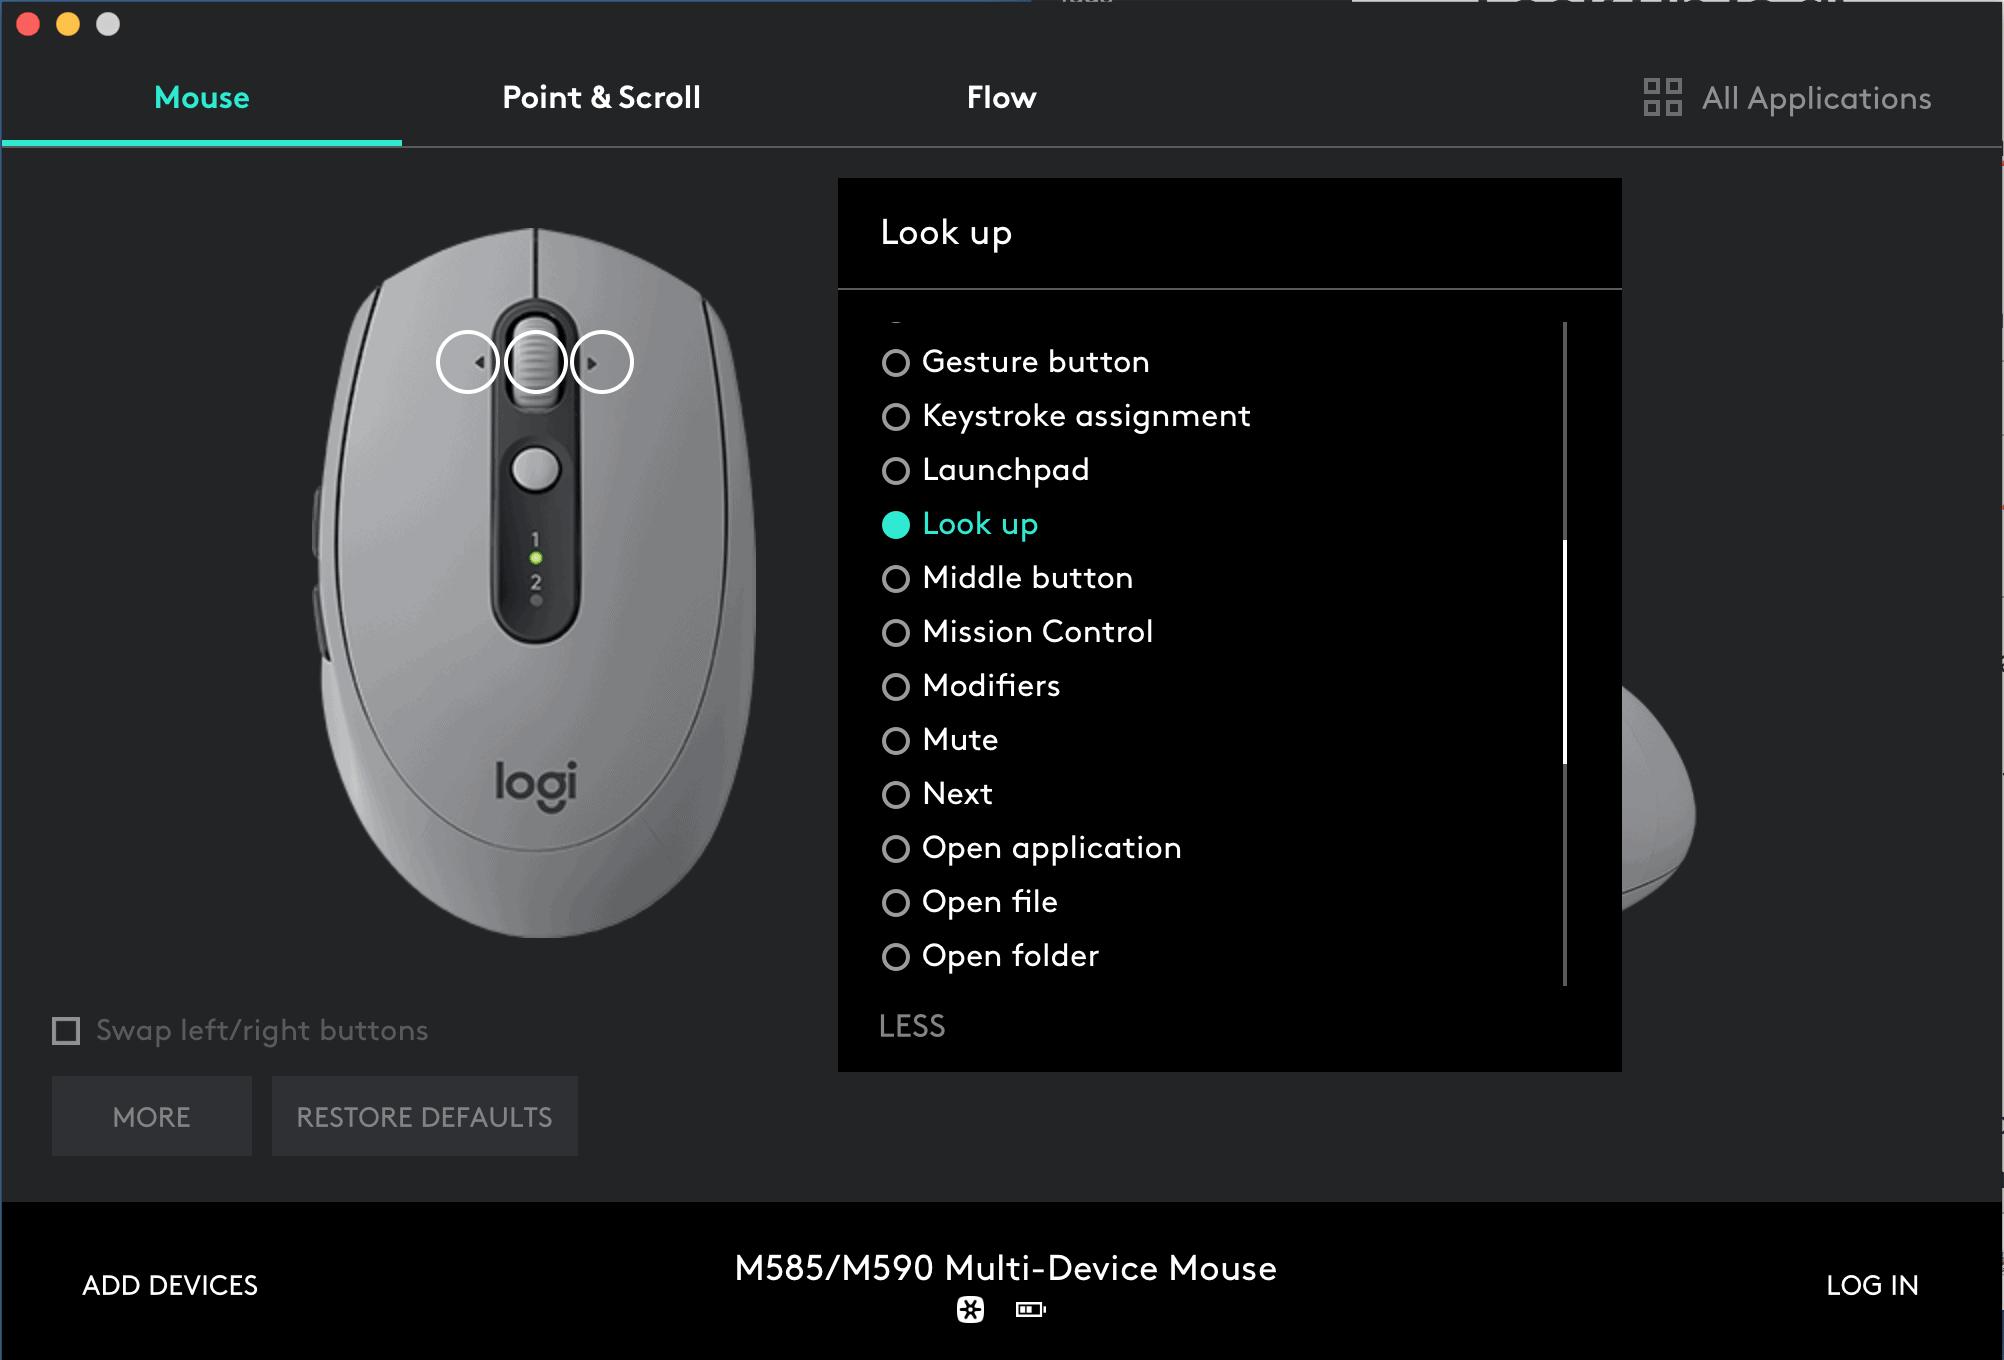 Gán Look Up cho chuột Logitech trên Mac